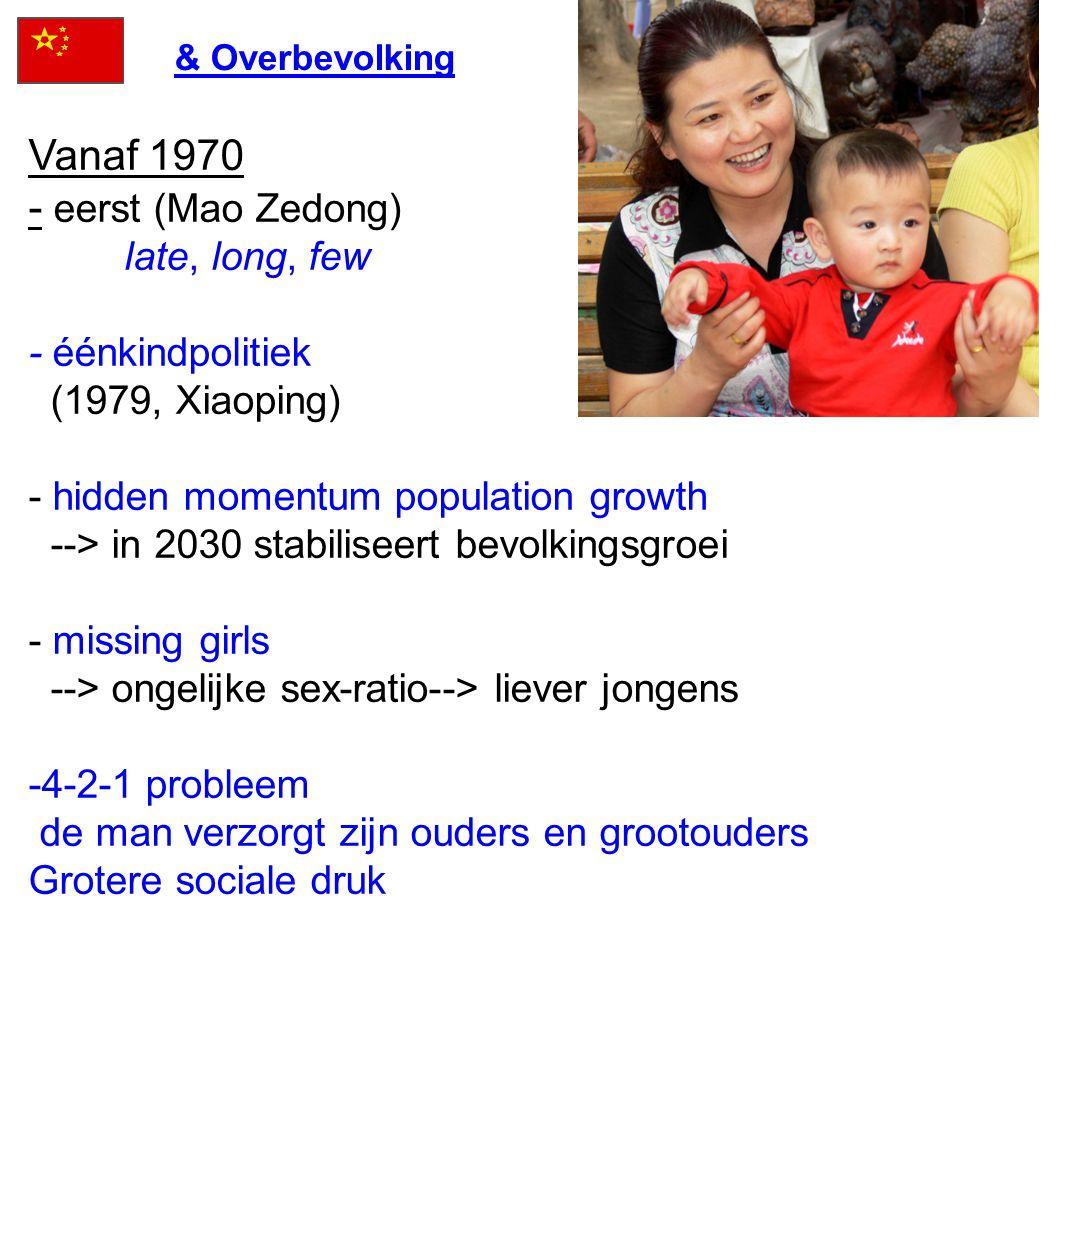 Vanaf 1970 - eerst (Mao Zedong) late, long, few - éénkindpolitiek